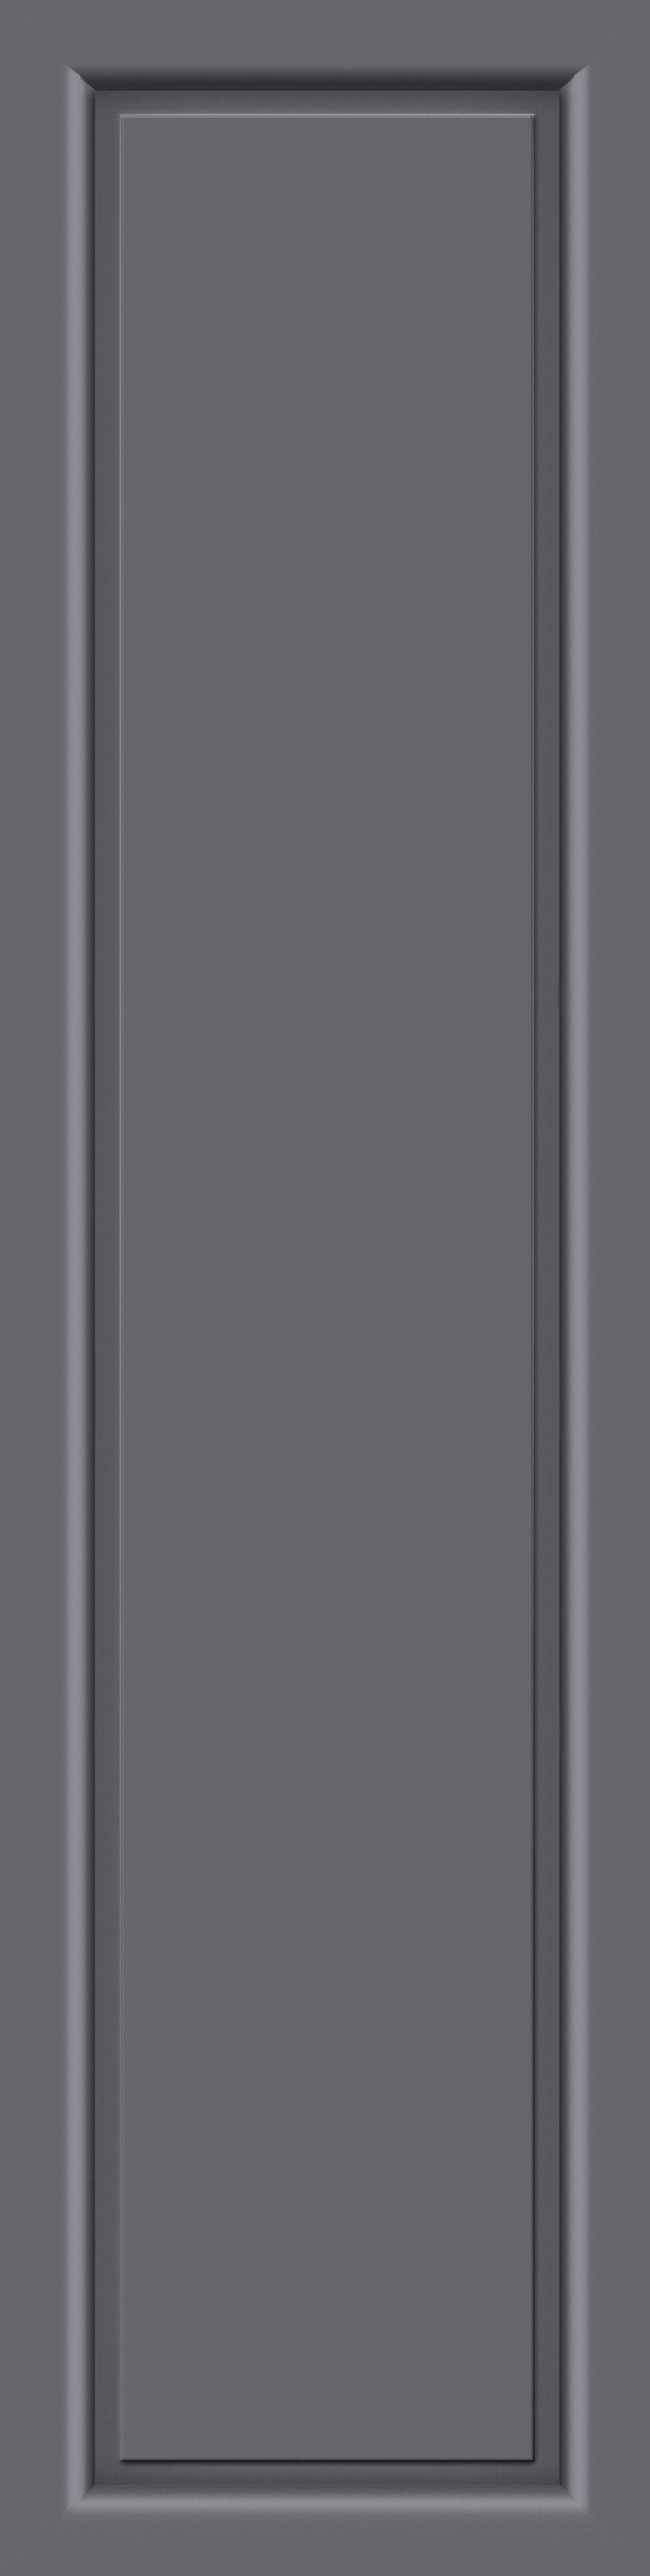 KM MEETH ZAUN GMBH Seitenteile »S04«, für Alu-Haustür, BxH: 60x198 cm, anthrazit